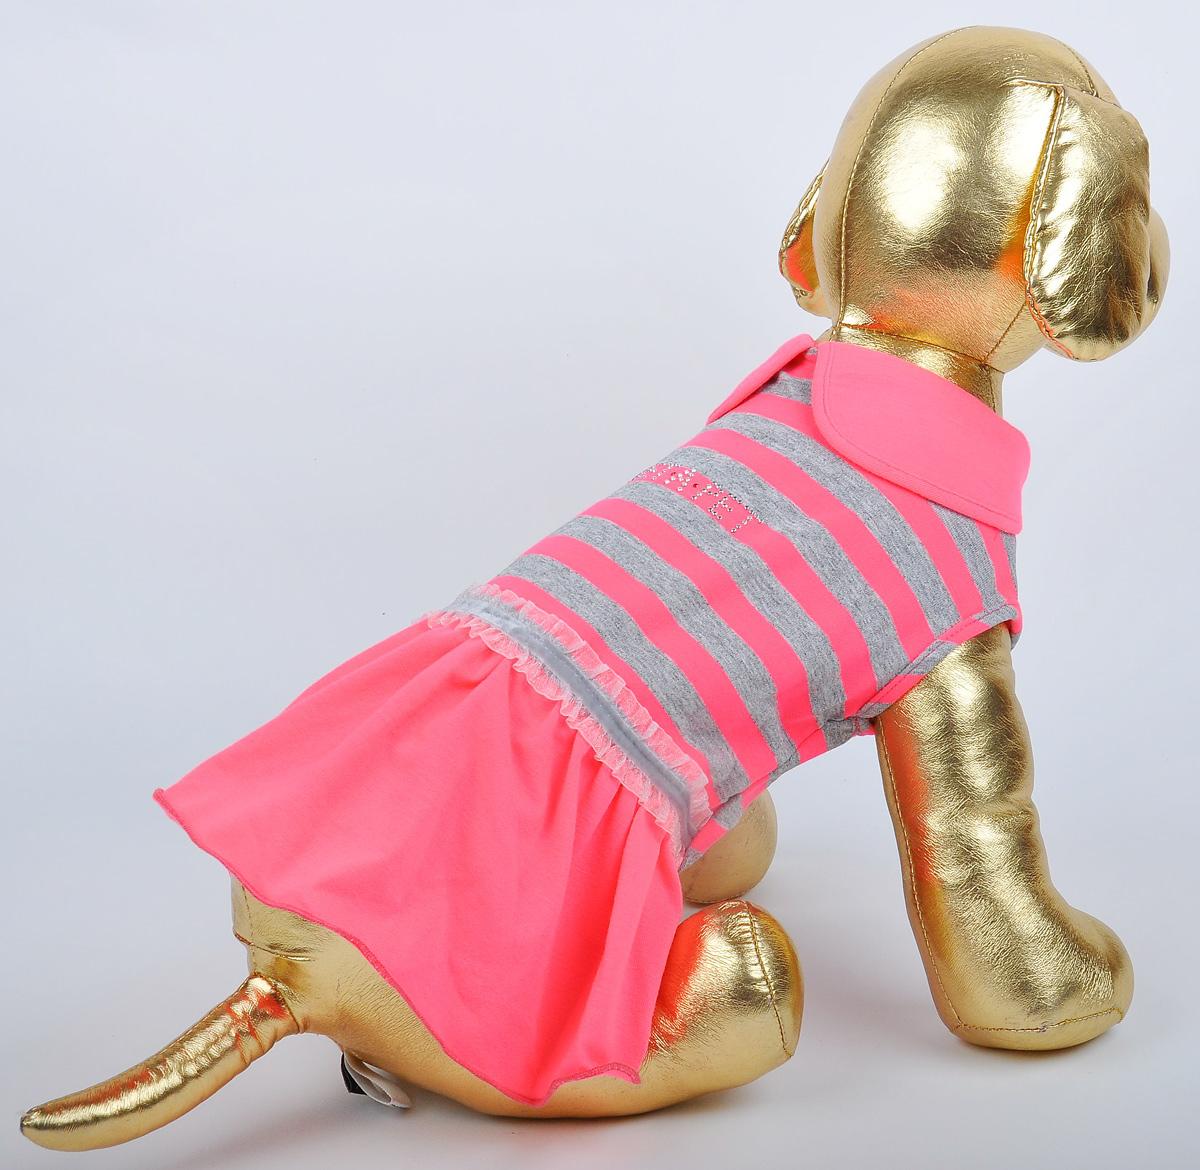 Платье для собак GLG Фэшн Ультра. Размер M0120710Платье для собак GLG Фэшн Ультра выполнено из вискозы. Рукава не ограничивают свободу движений, и собачка будет чувствовать себя в нем комфортно. Изделие застегивается с помощью кнопок..Модное и невероятно удобное платье защитит вашего питомца от пыли и насекомых на улице, согреет дома или на даче. Длина спины: 27-29 см Обхват груди: 37-39 см.